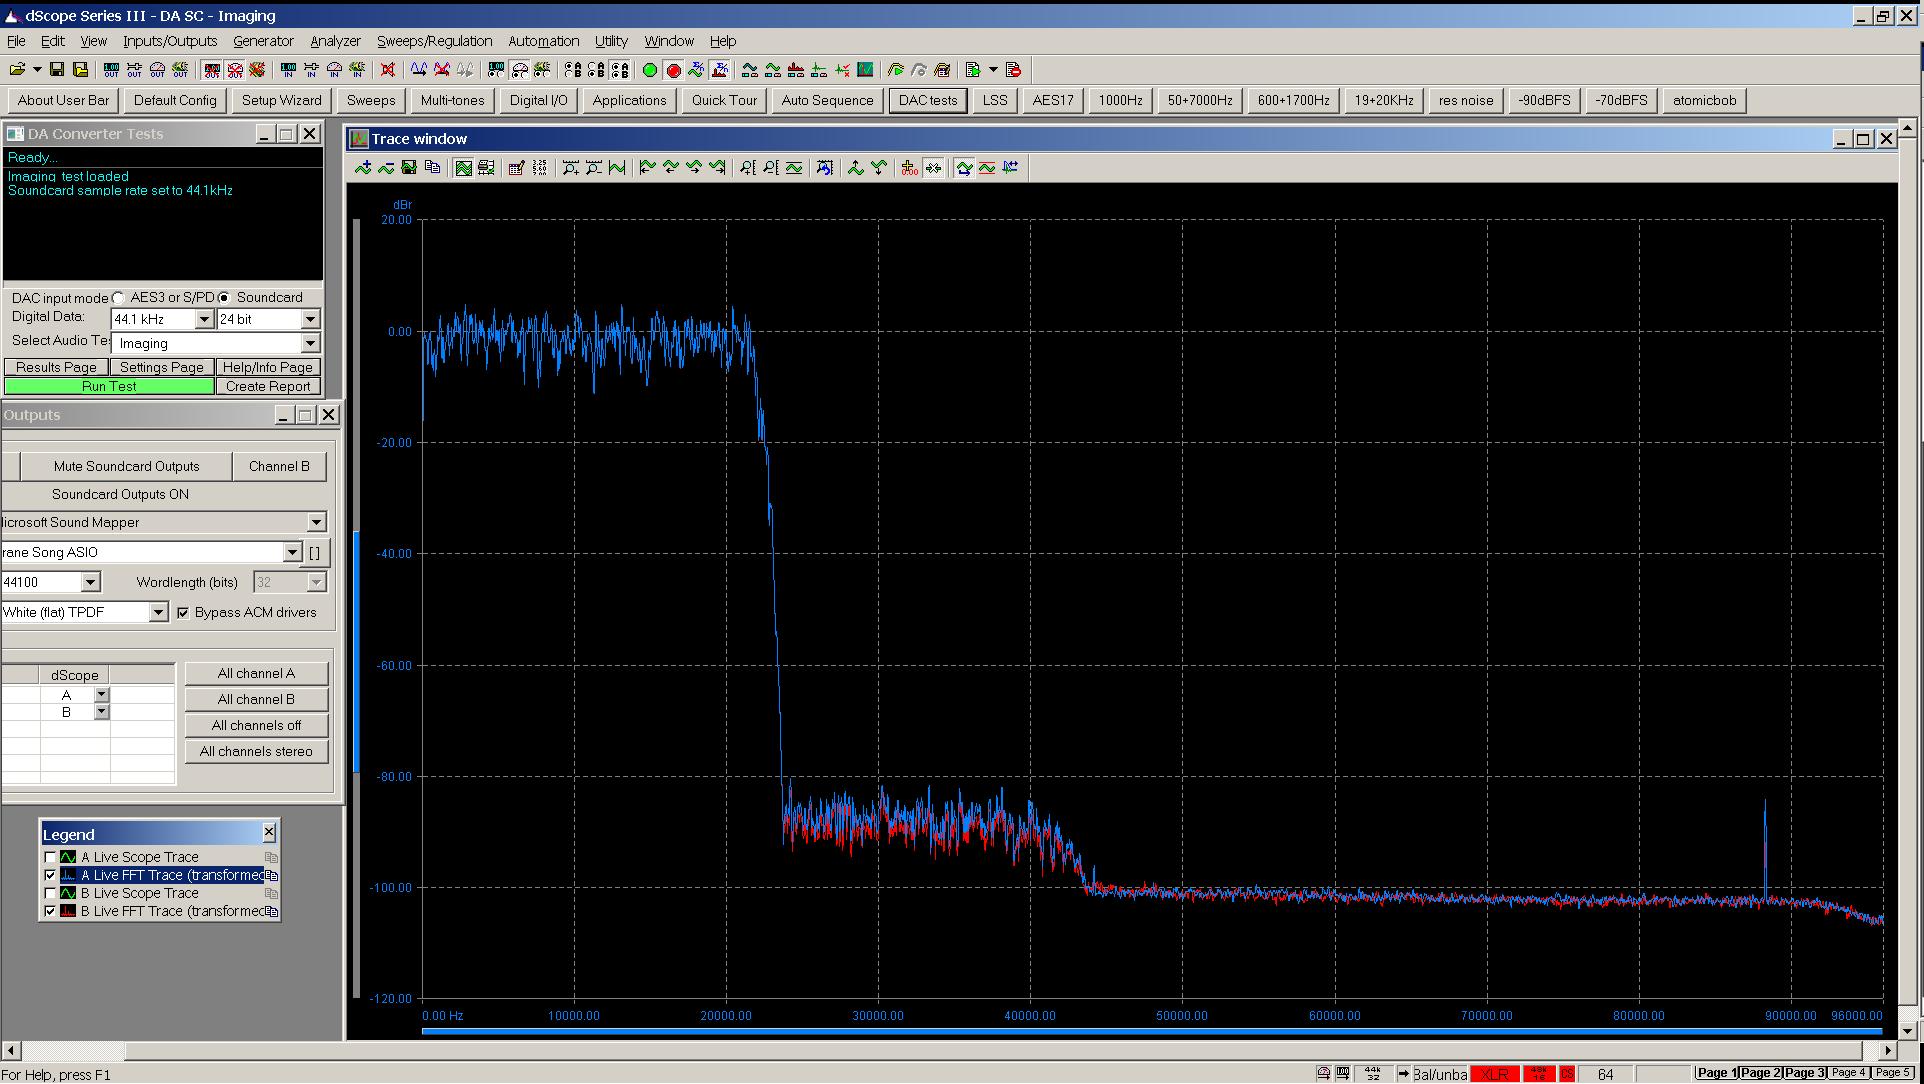 20190327-13 solaris Bal imaging - USB.PNG